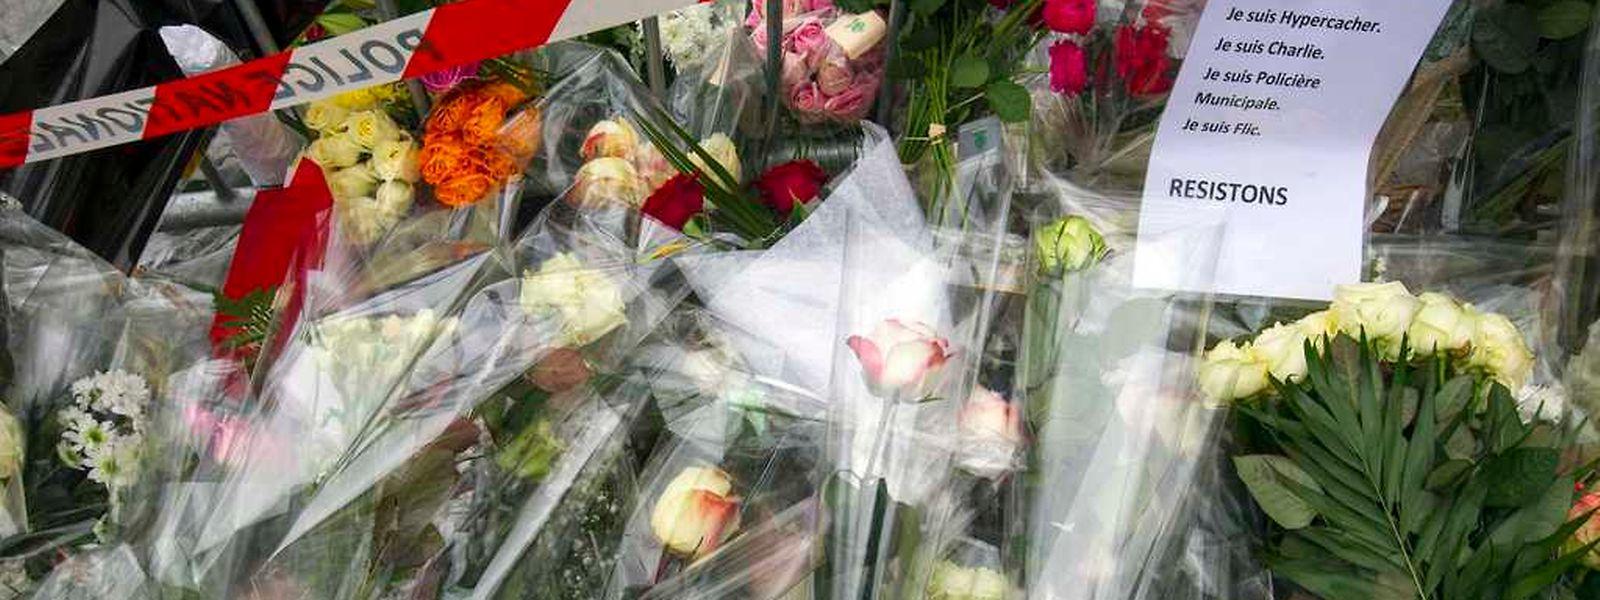 Die Franzosen trauern um die Opfer, sind aber auch froh, dass die Geiselnahmen beendet sind.